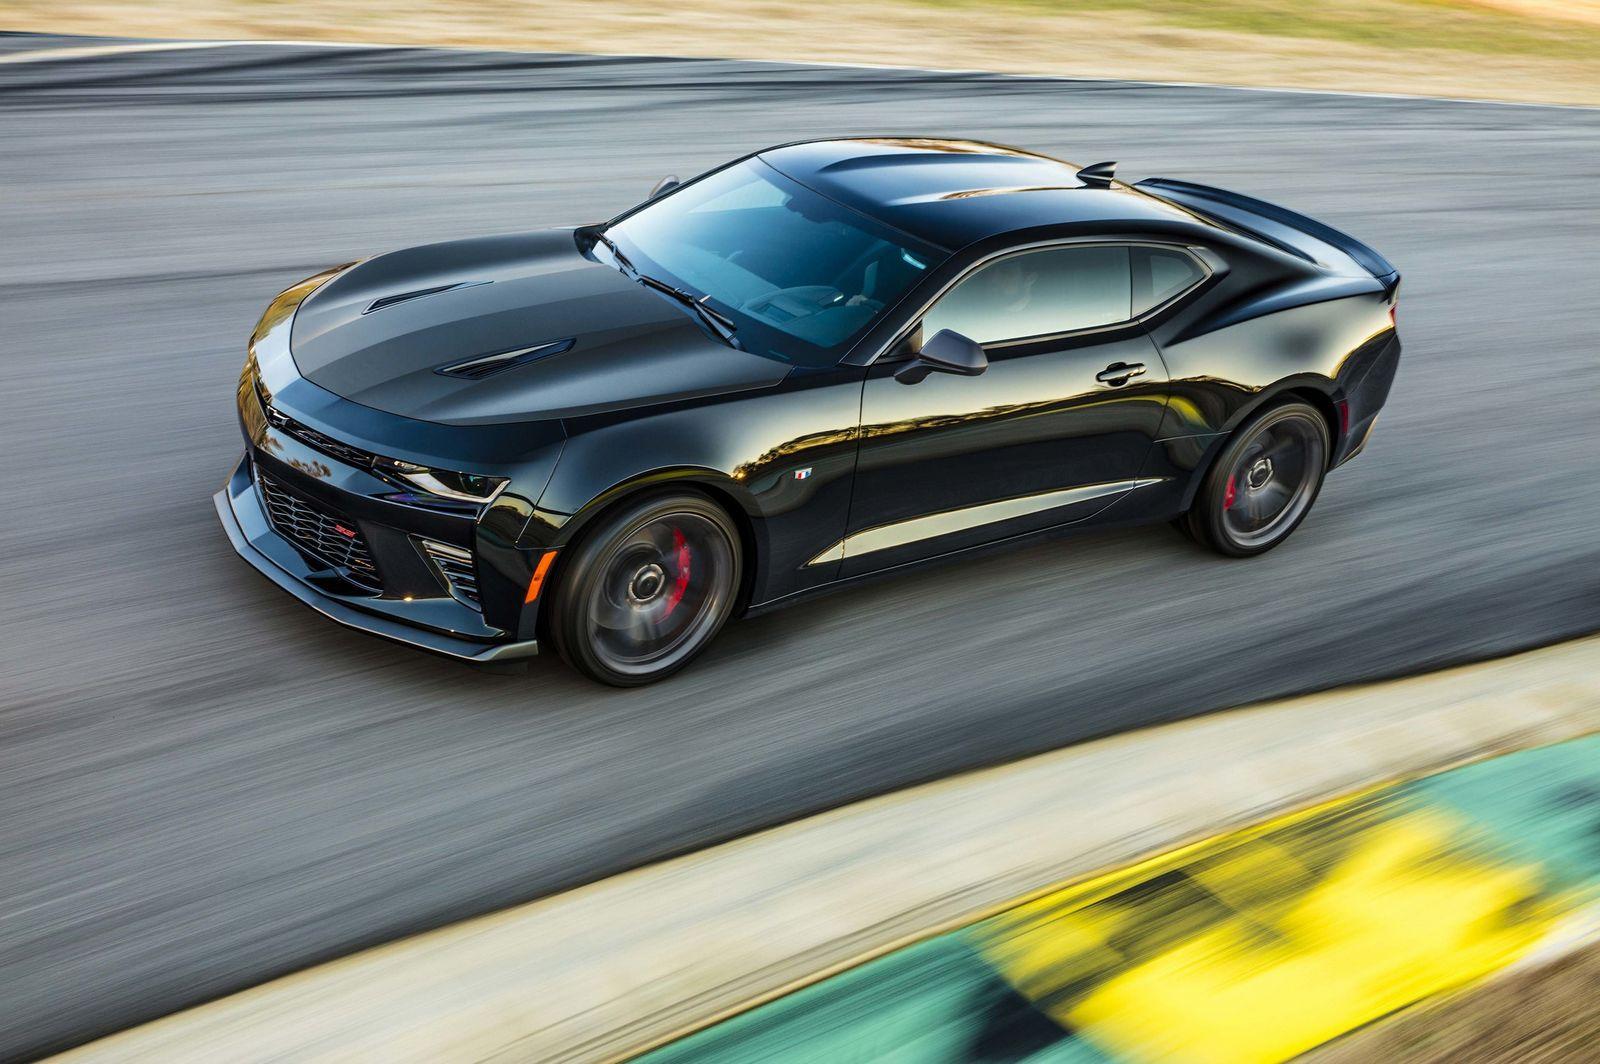 Chevrolet Camaro 1LE có vượt được Ford Mustang GT350?